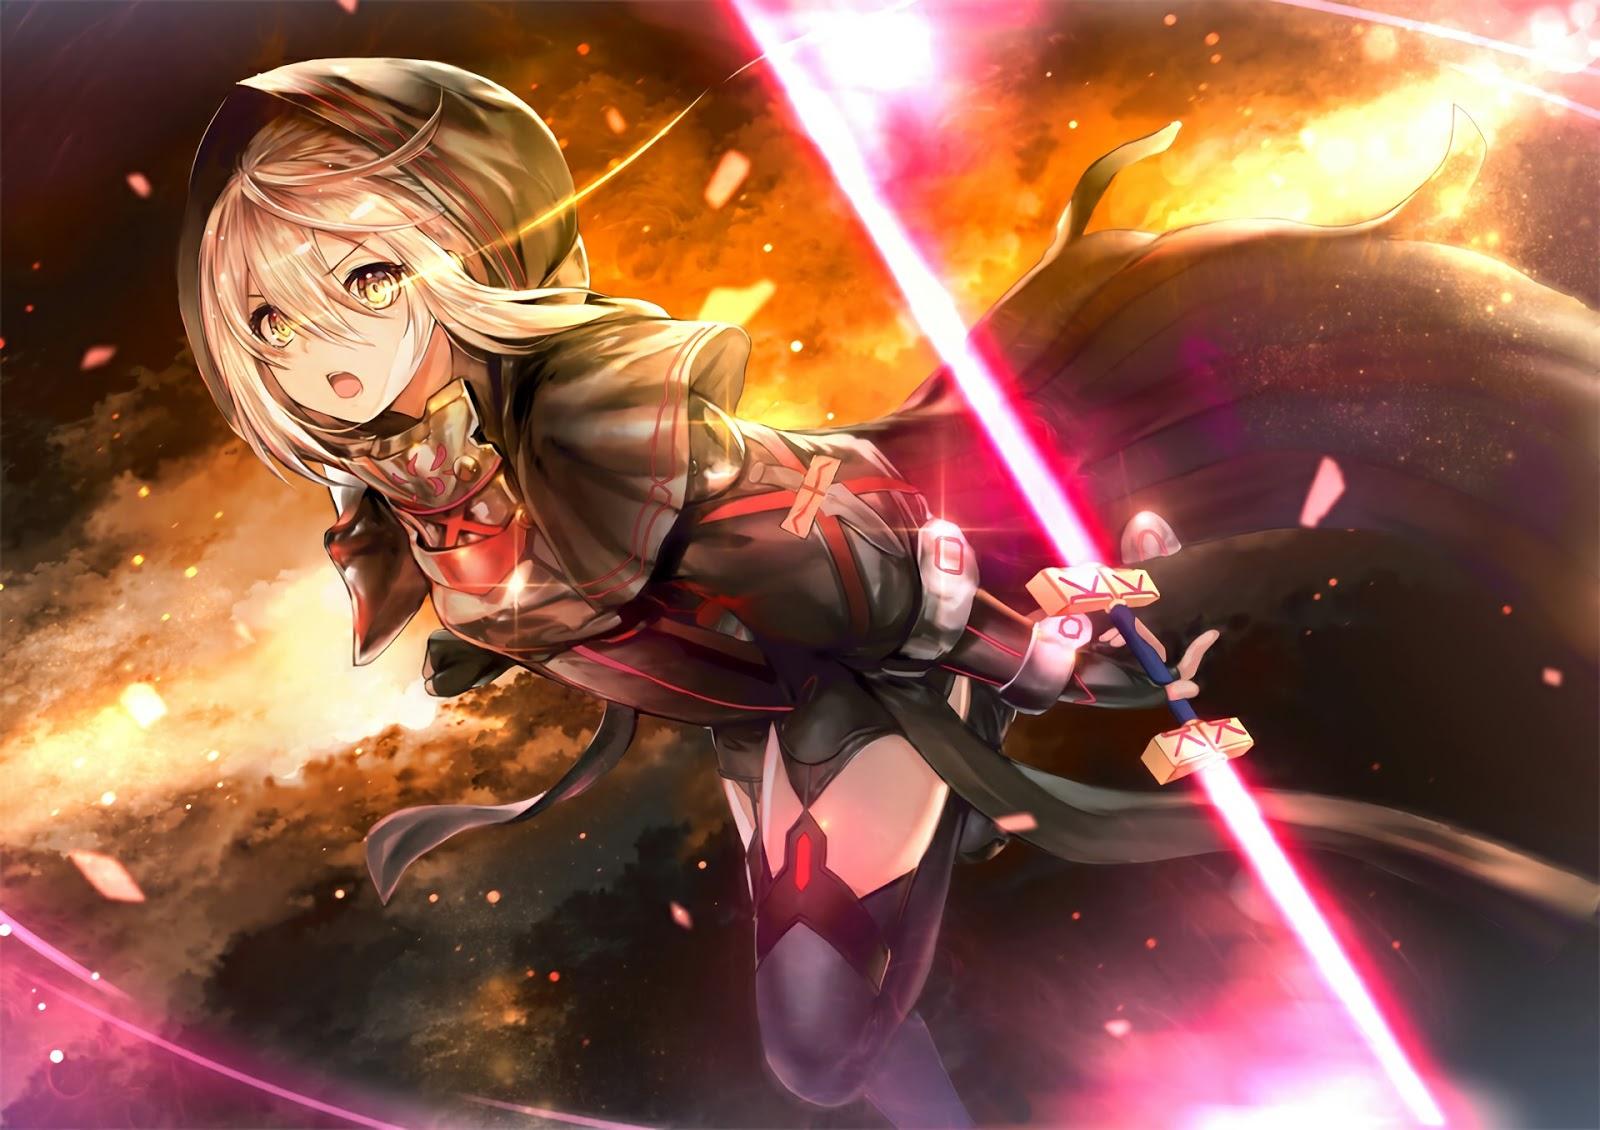 Fate AowVN%2B%252876%2529 - [ Hình Nền ] Anime Fate/GrandOrder tuyệt đẹp Full HD | Wallpaper